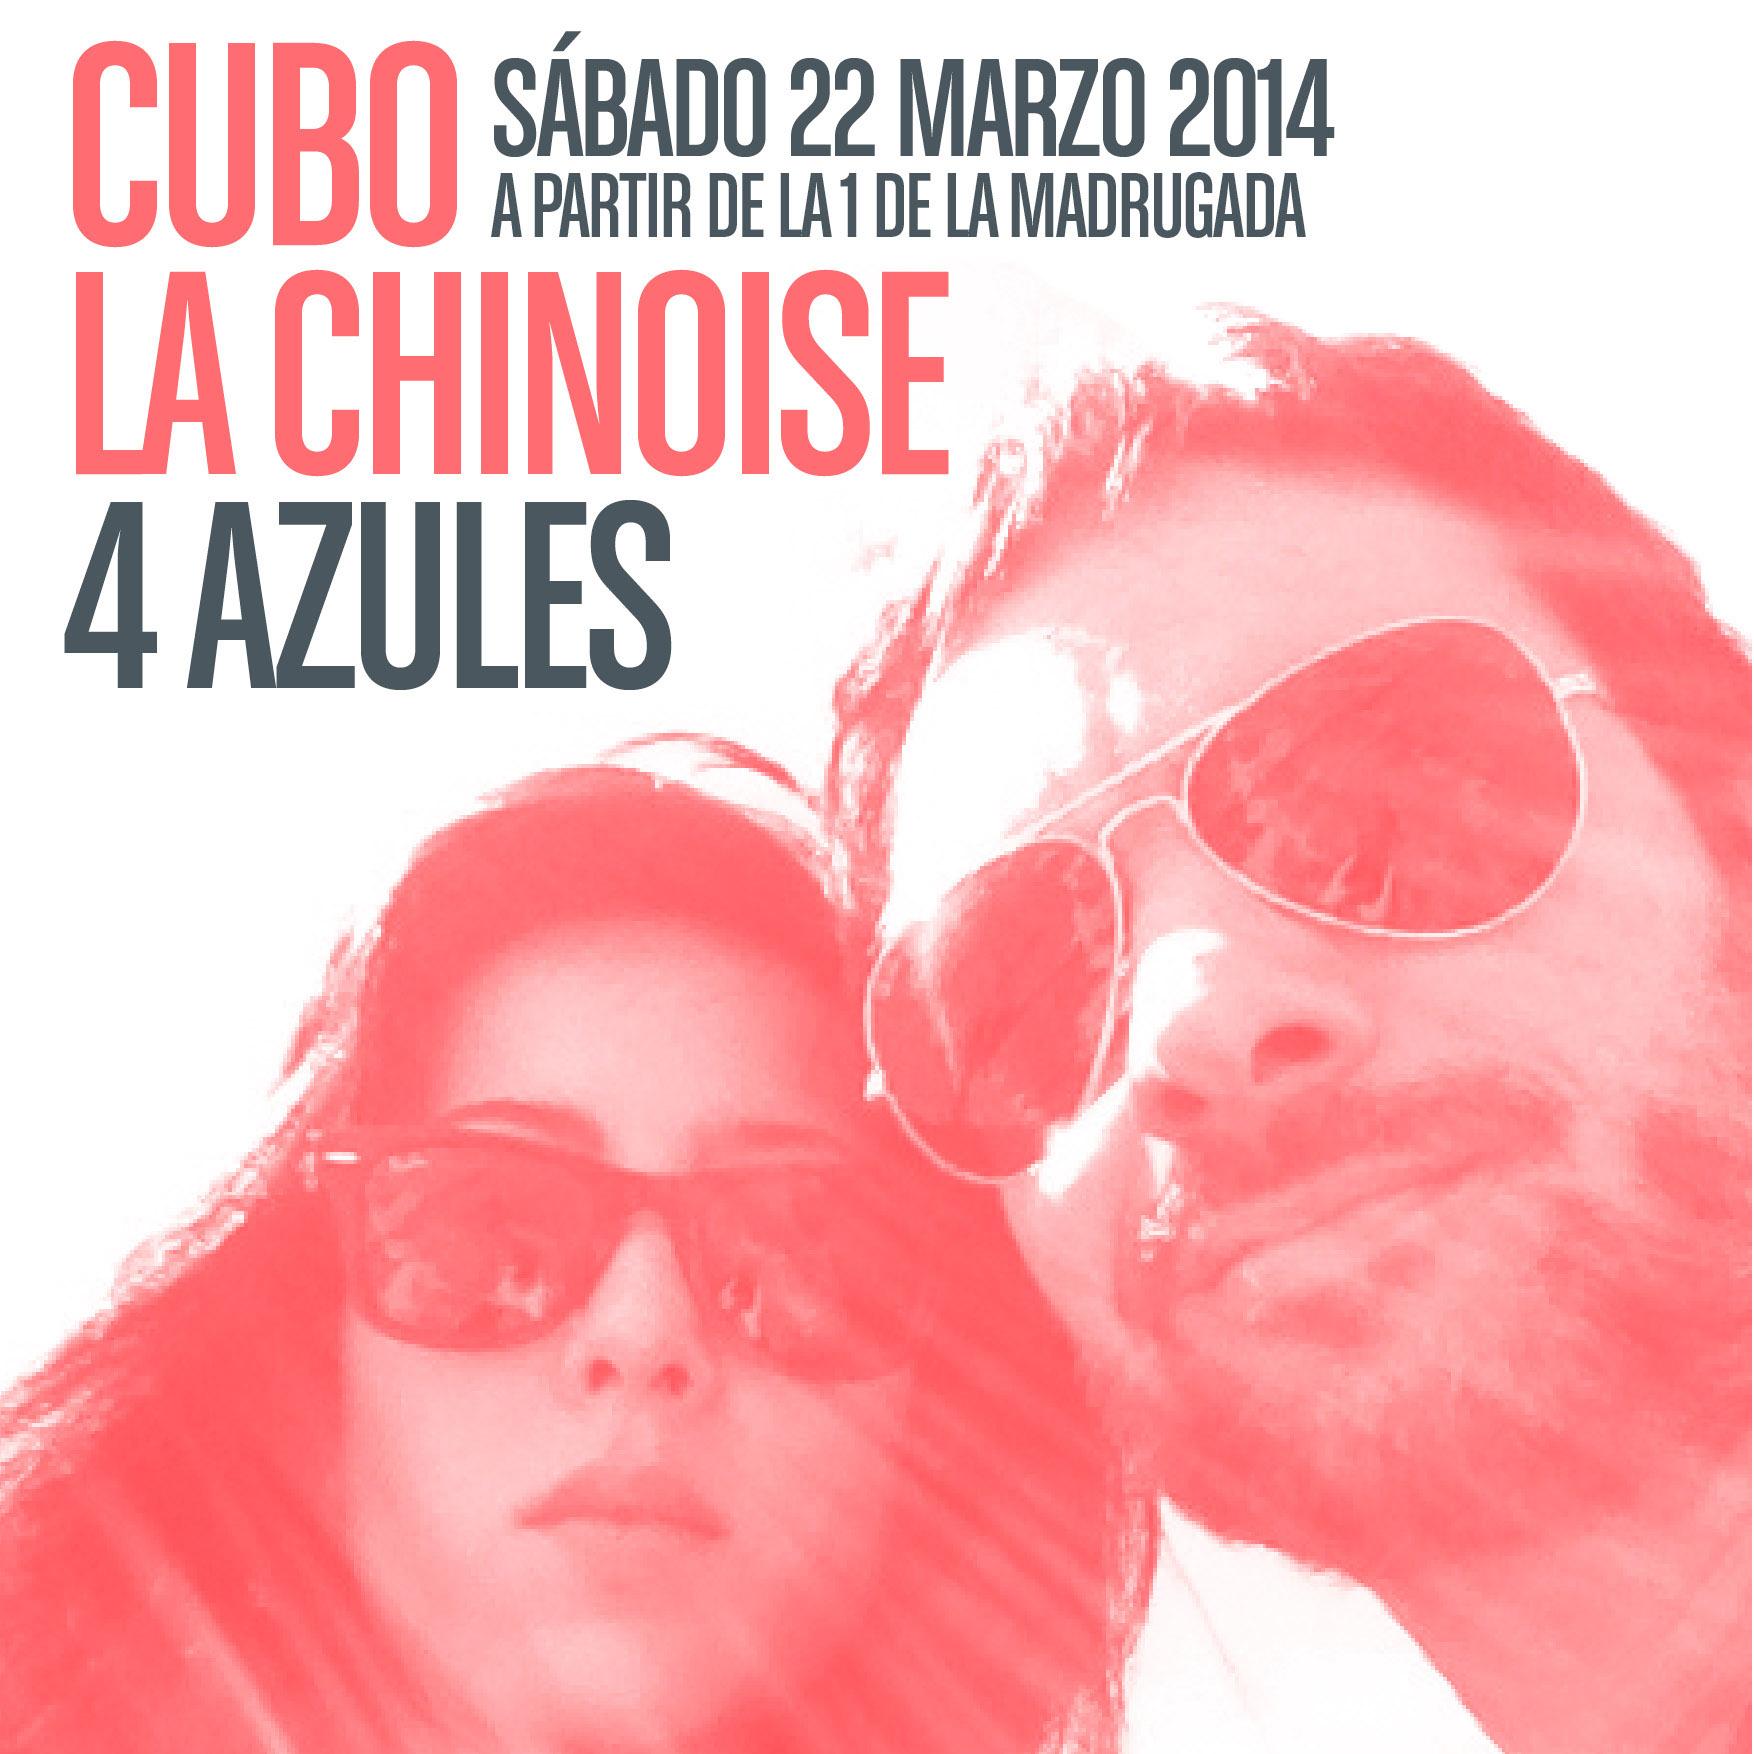 cubochinoise4azmarzo